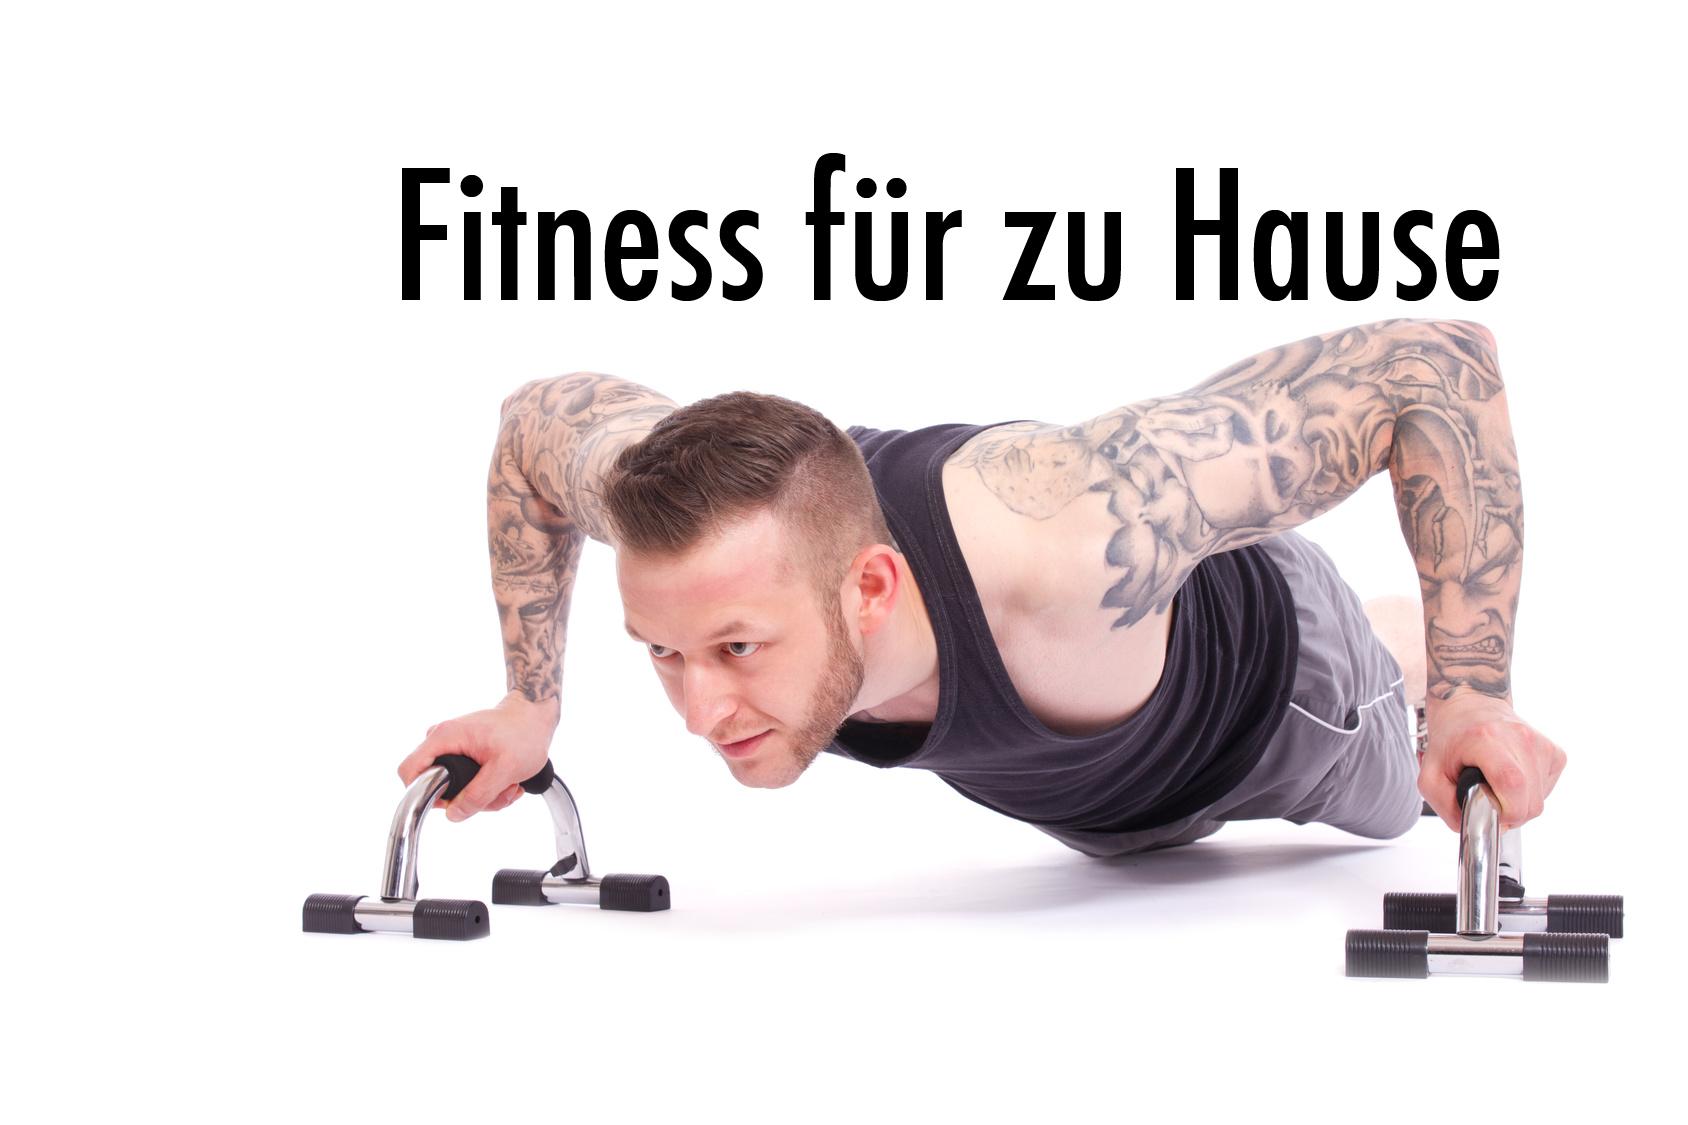 fitness f r zu hause mehr als eine perfekte erg nzung zum. Black Bedroom Furniture Sets. Home Design Ideas